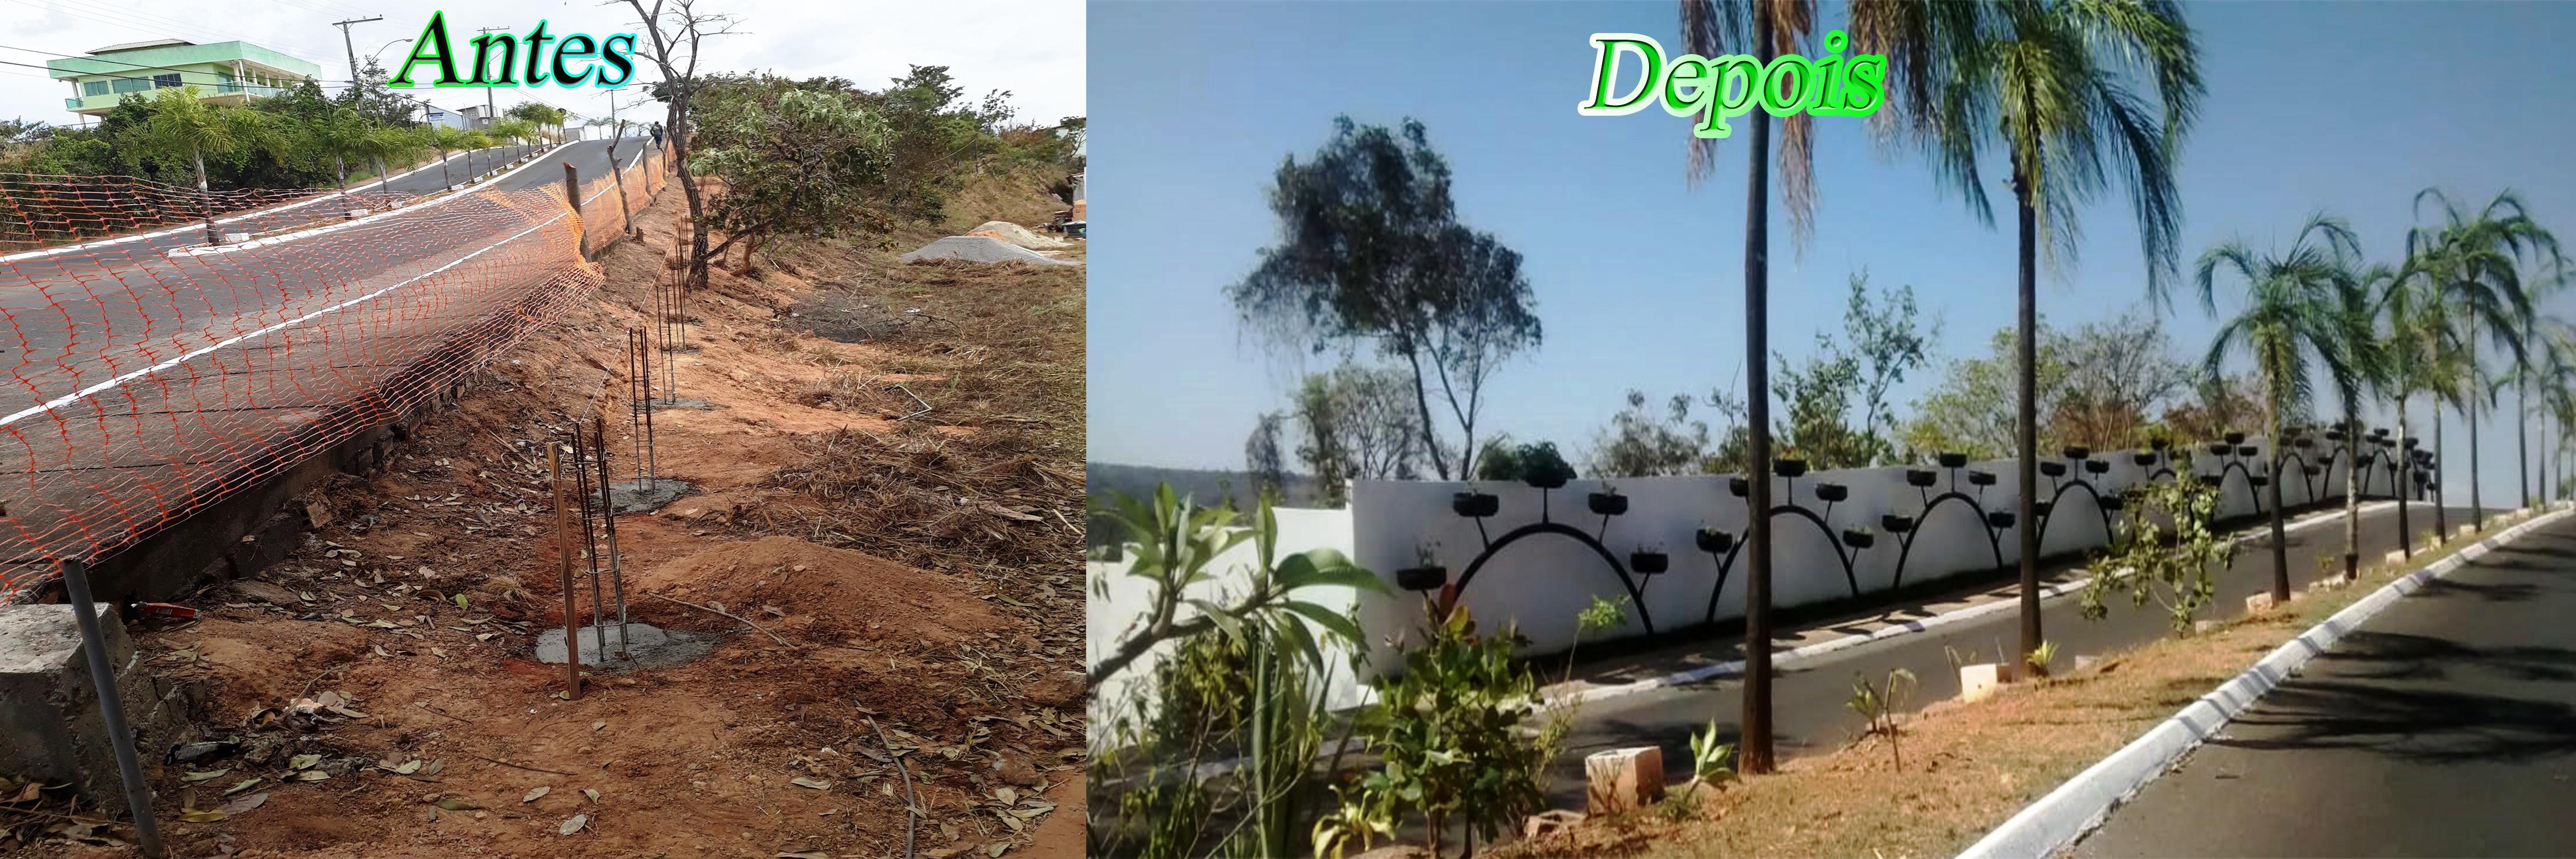 Muro-e-jardim